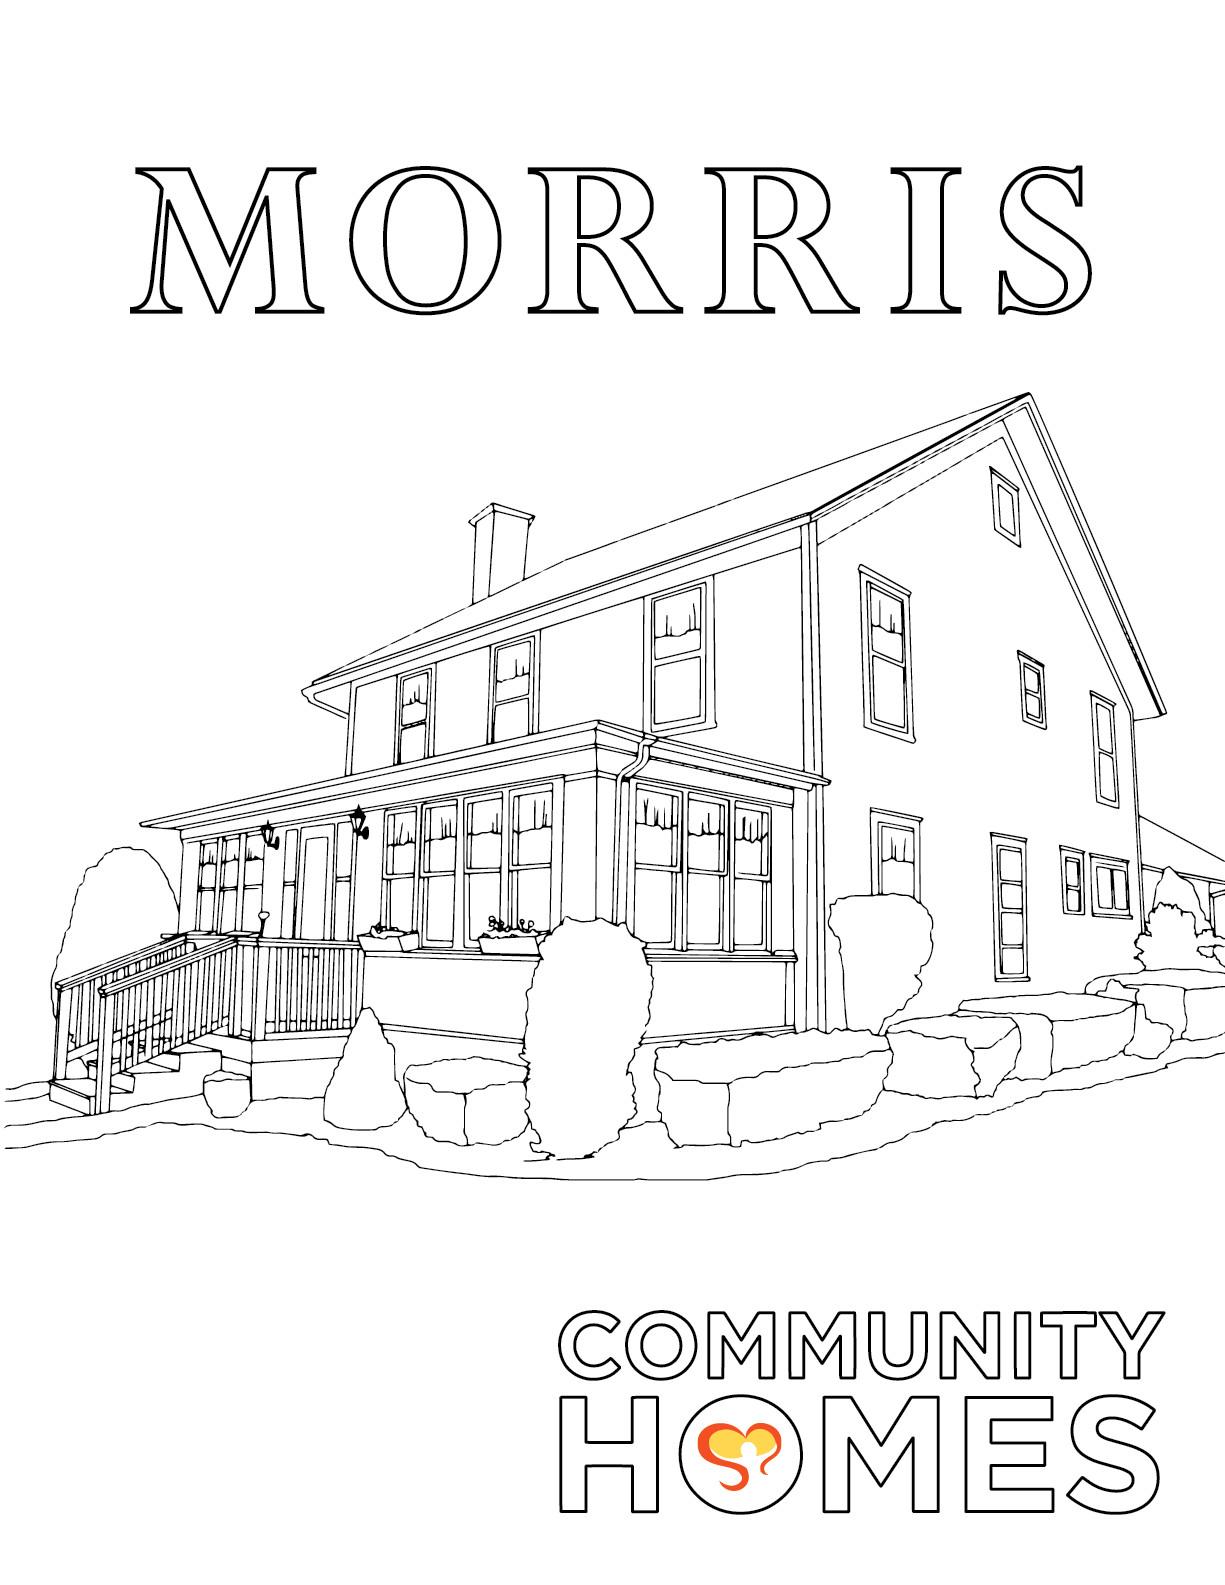 Morris copy - Milford and Morris - Fun Art Friday